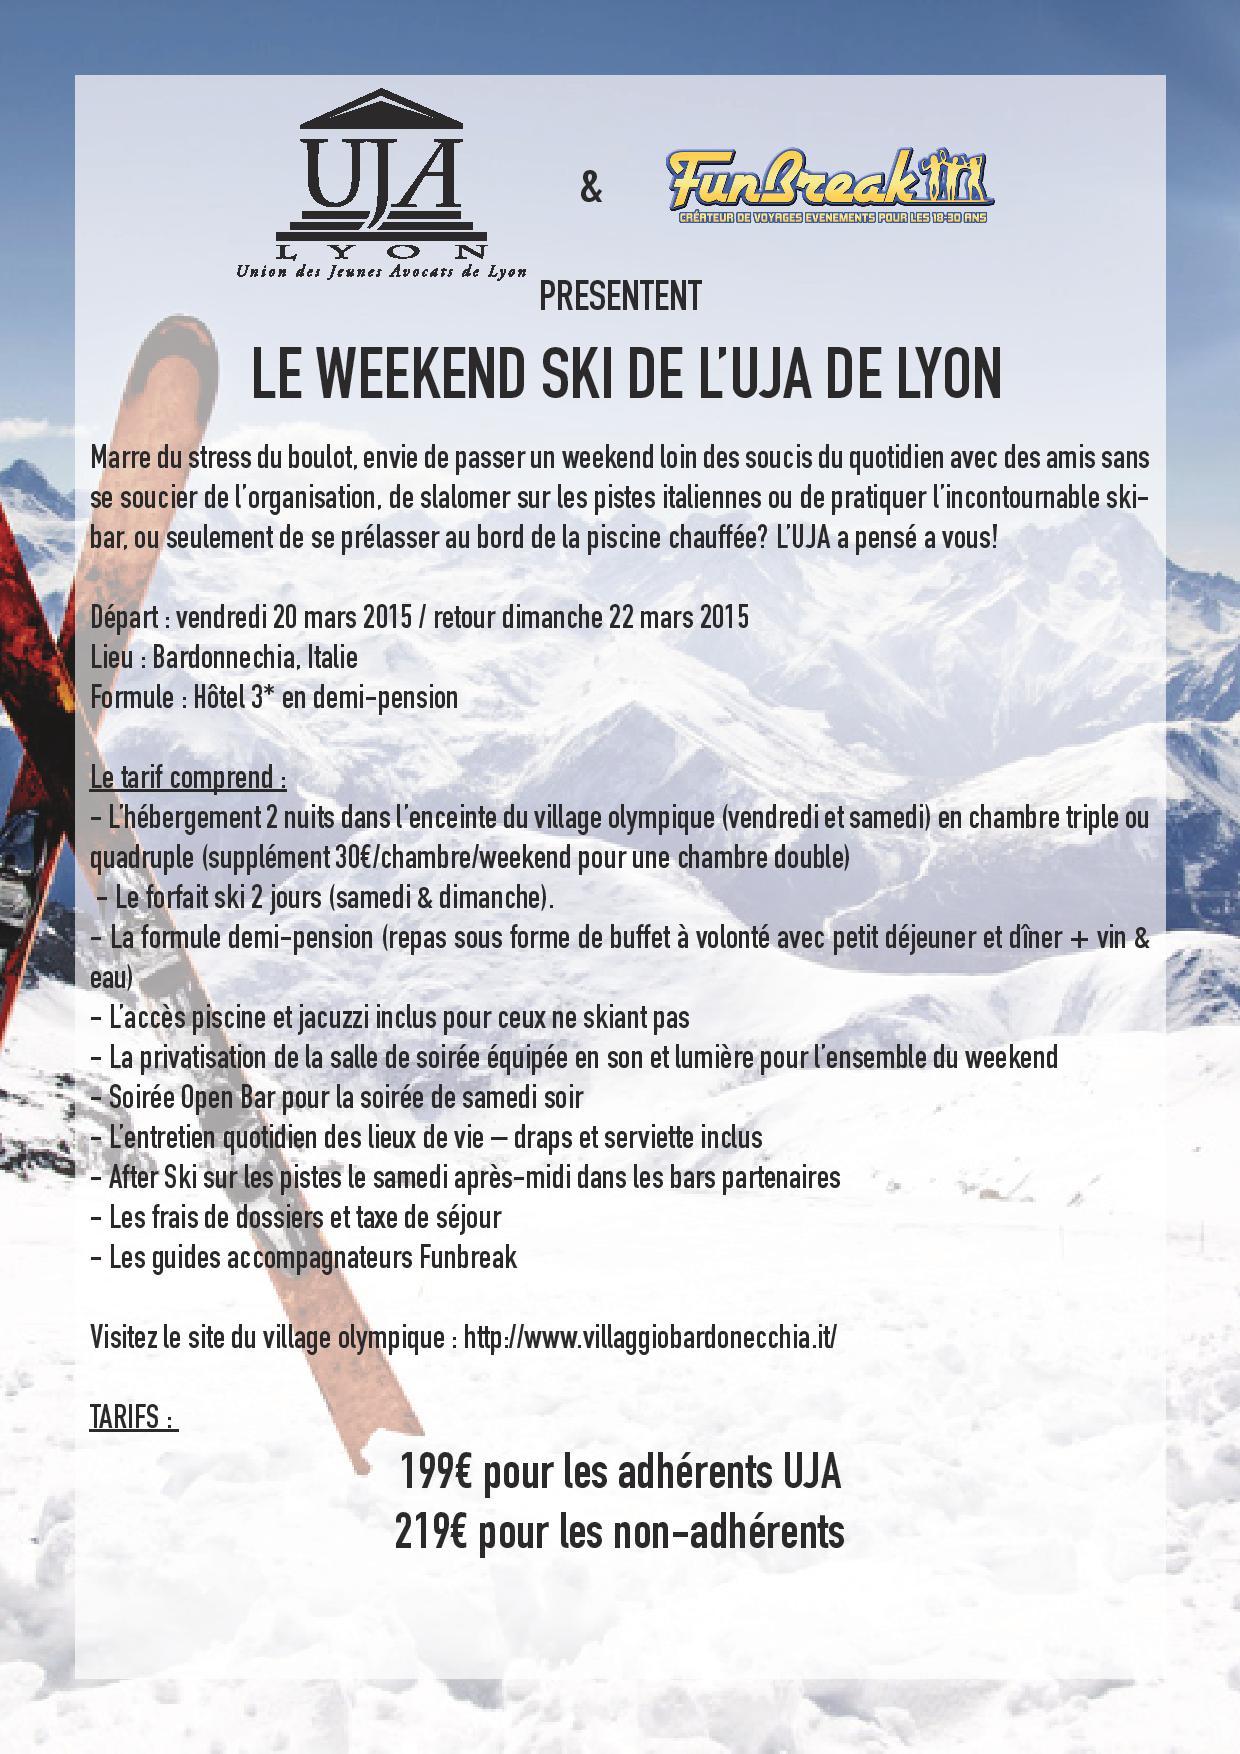 WEEKEND SKI DE L'UJA du 20 au 22 mars 2015